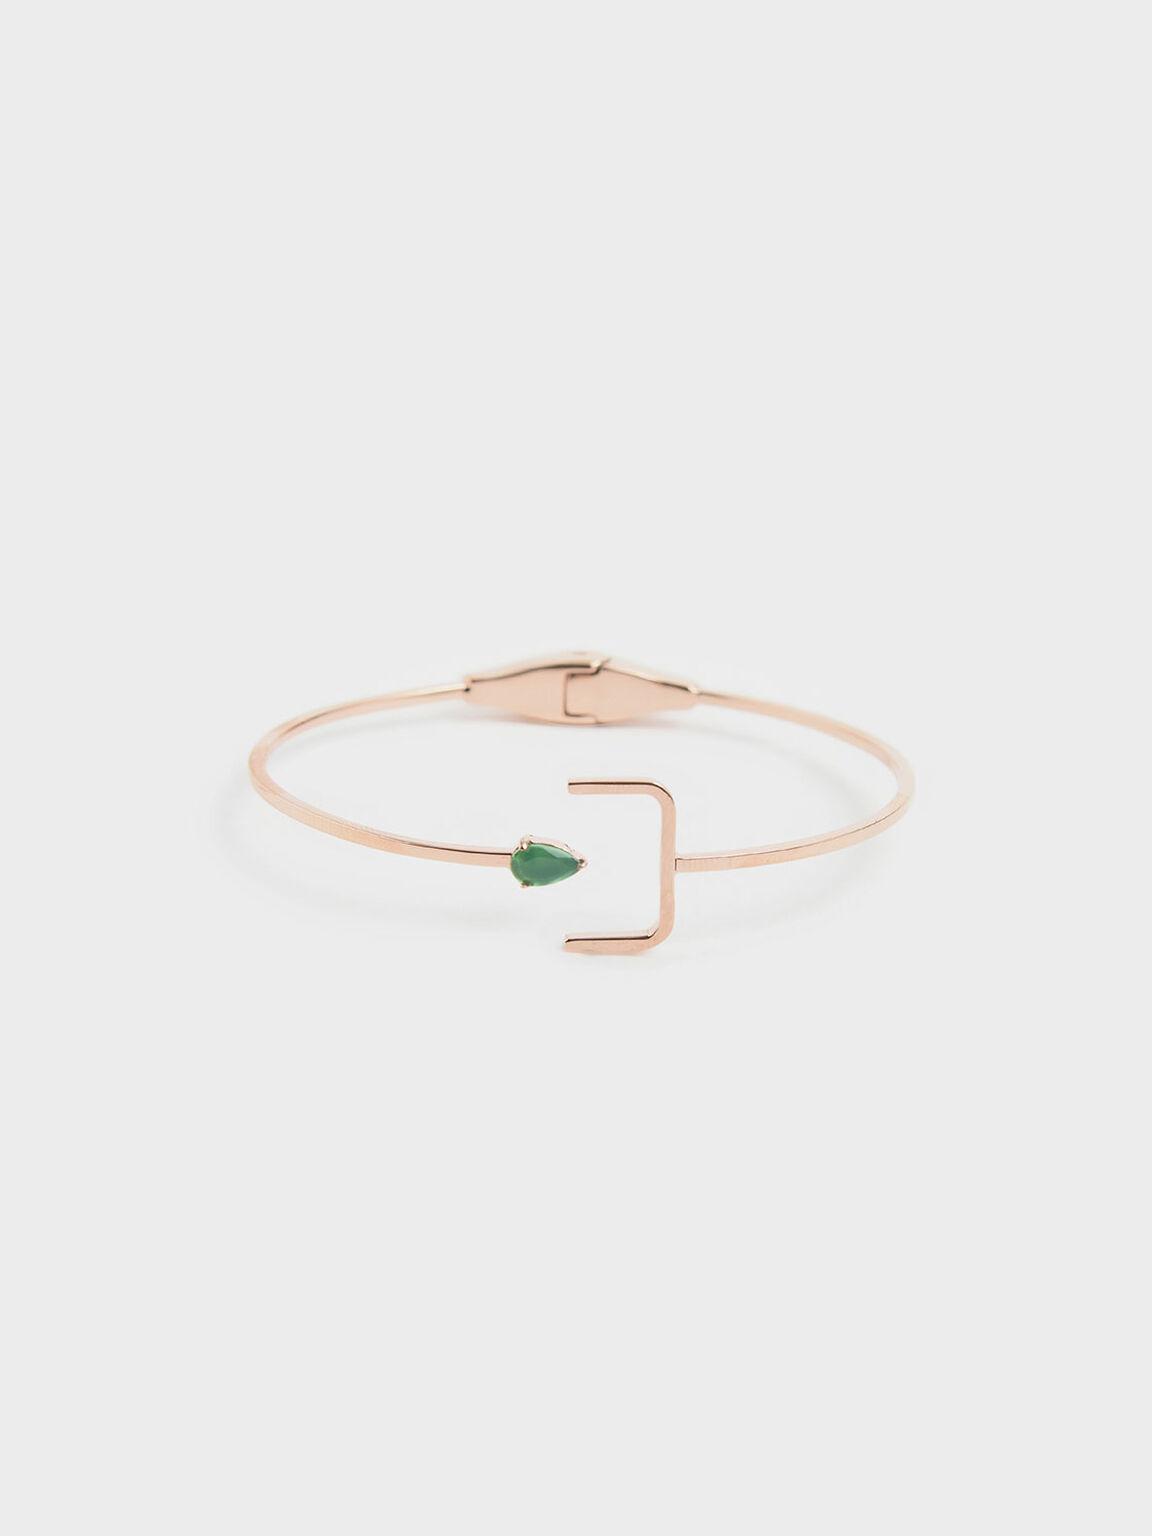 Green Agate Stone Cuff Bracelet, Rose Gold, hi-res